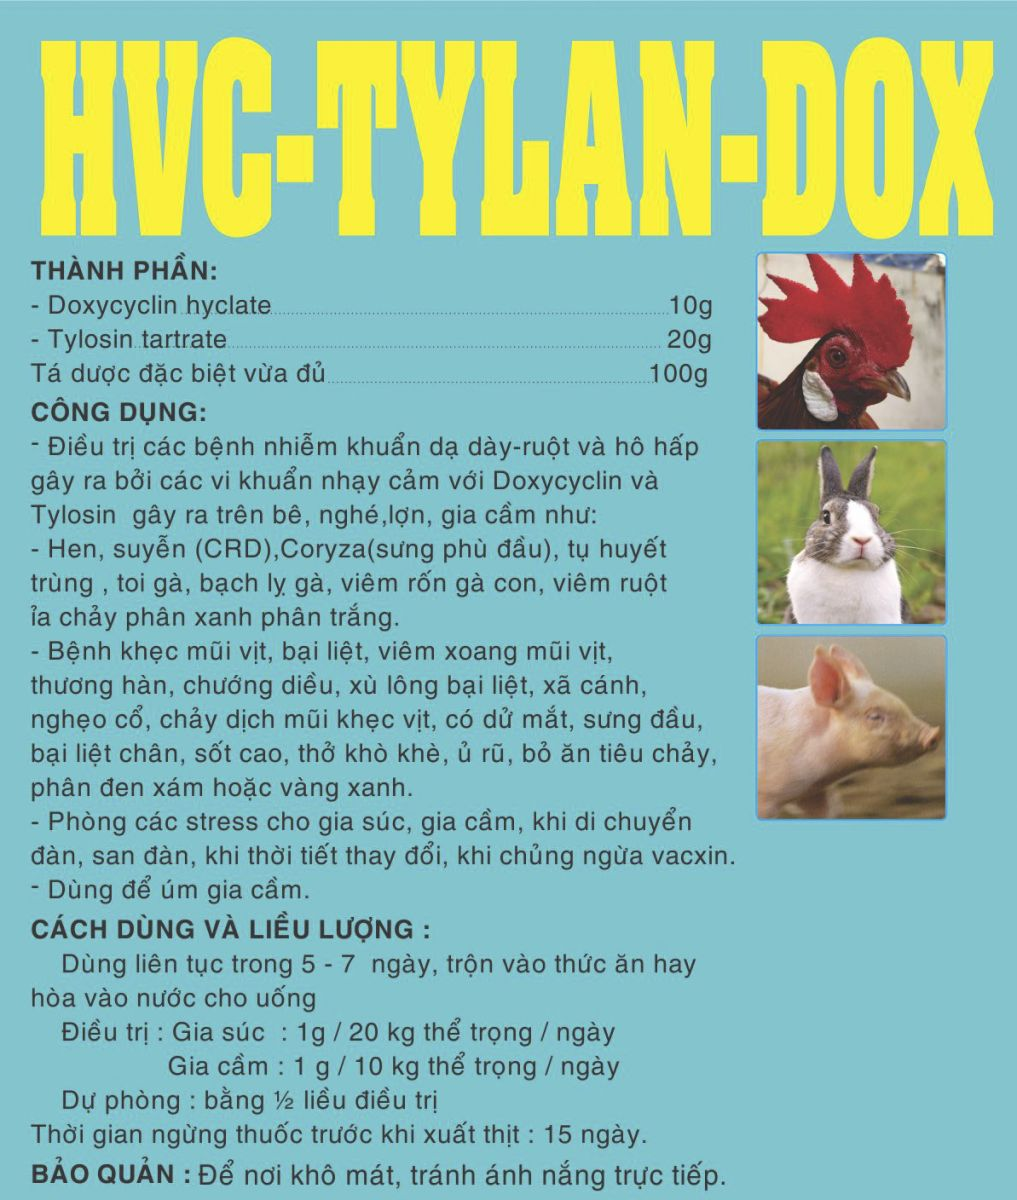 Thuốc thú y HCV - Tylandox